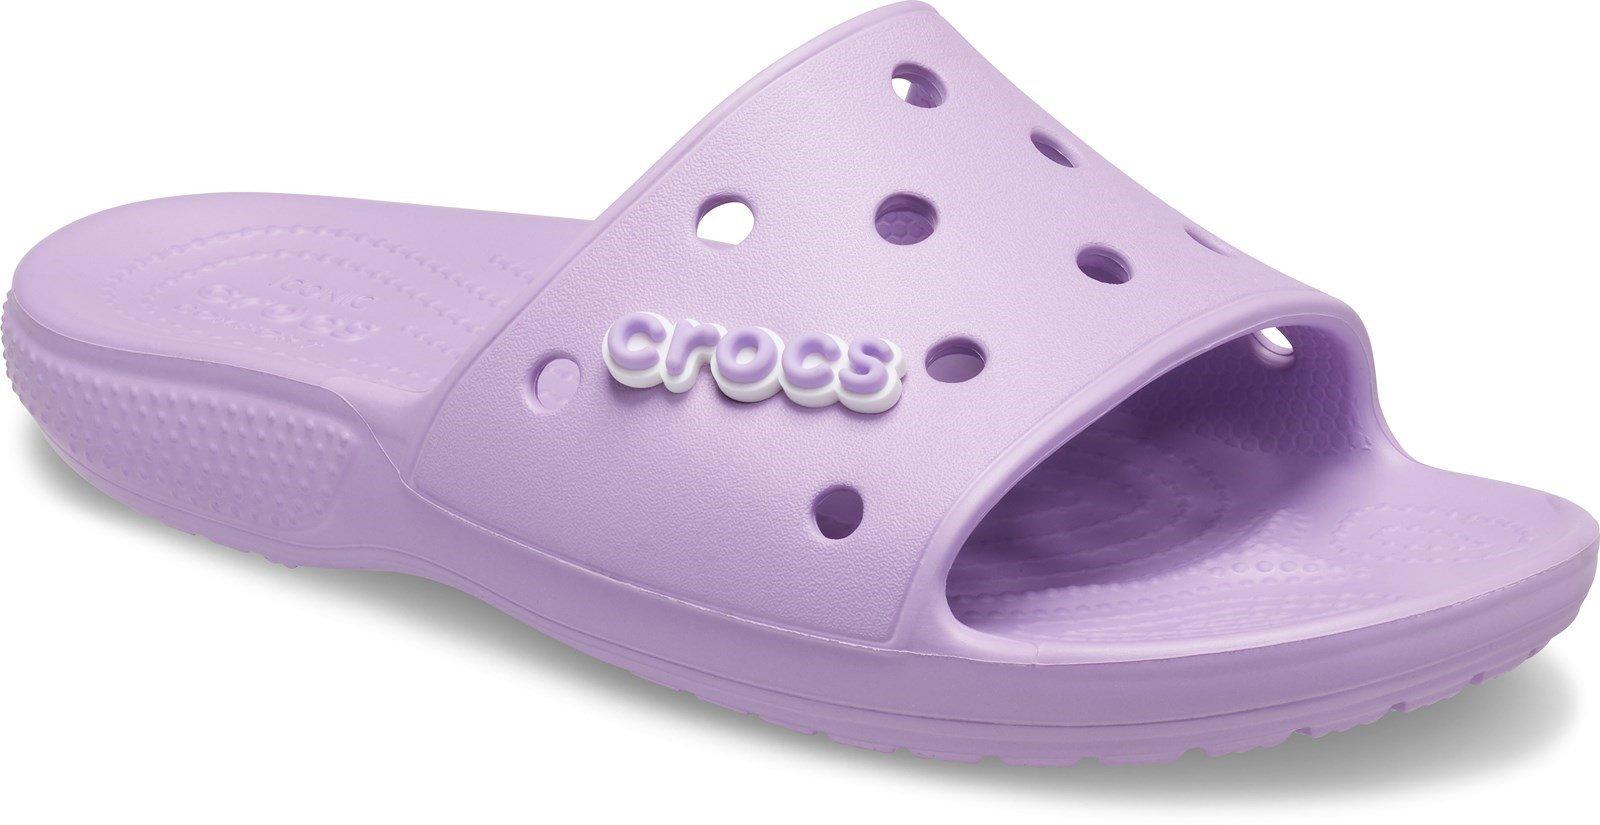 Crocs Unisex Classic Crocs Slide Sandal Various Colours 30608 - Orchid 5